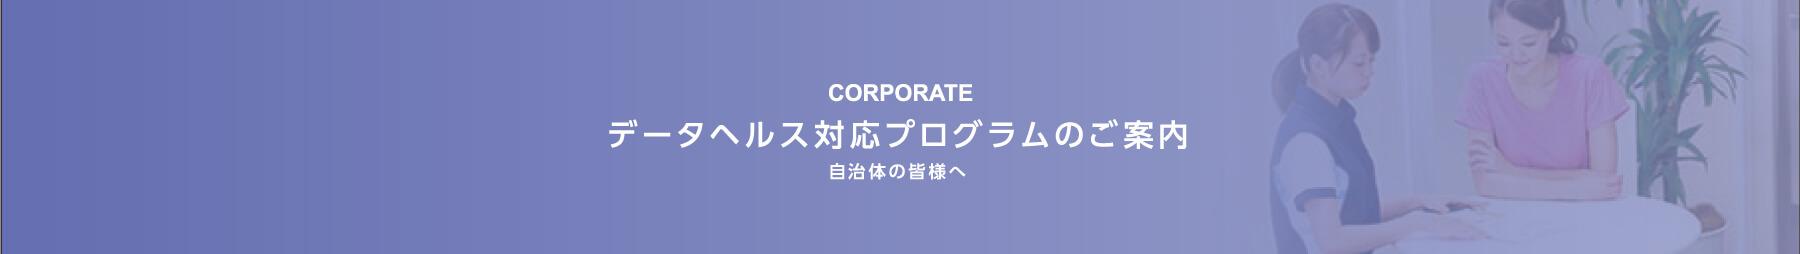 データヘルス対応プログラムのご案内 自治体の皆様へ -CORPORATE-